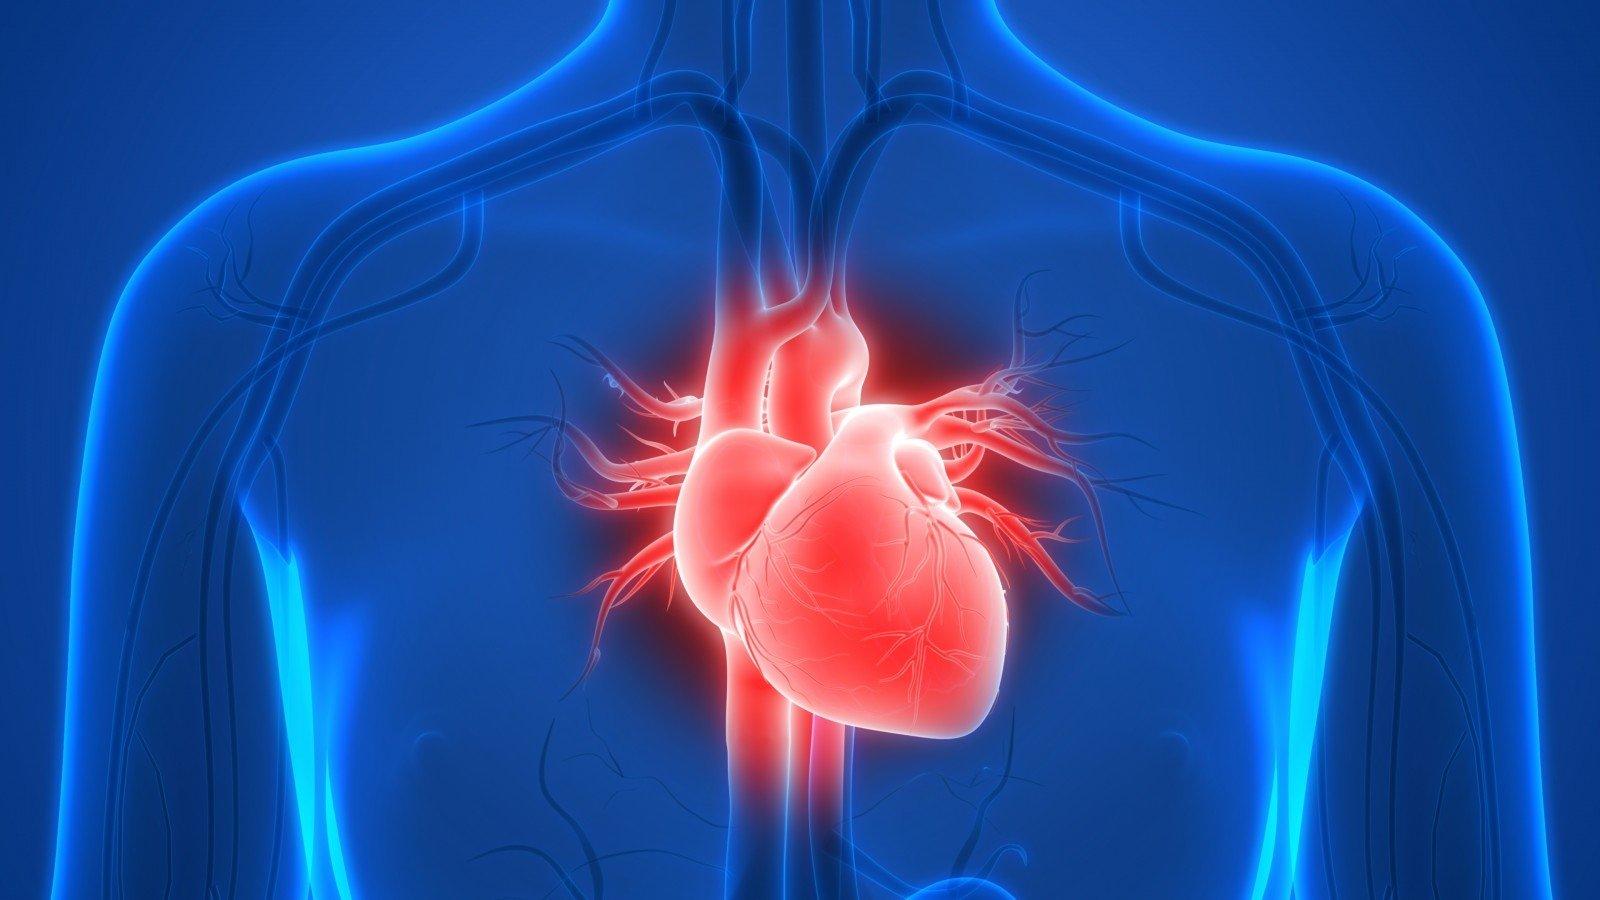 hipertenzija, o tada hipotenzija, kas tai yra knyga atsikratyti hipertenzijos